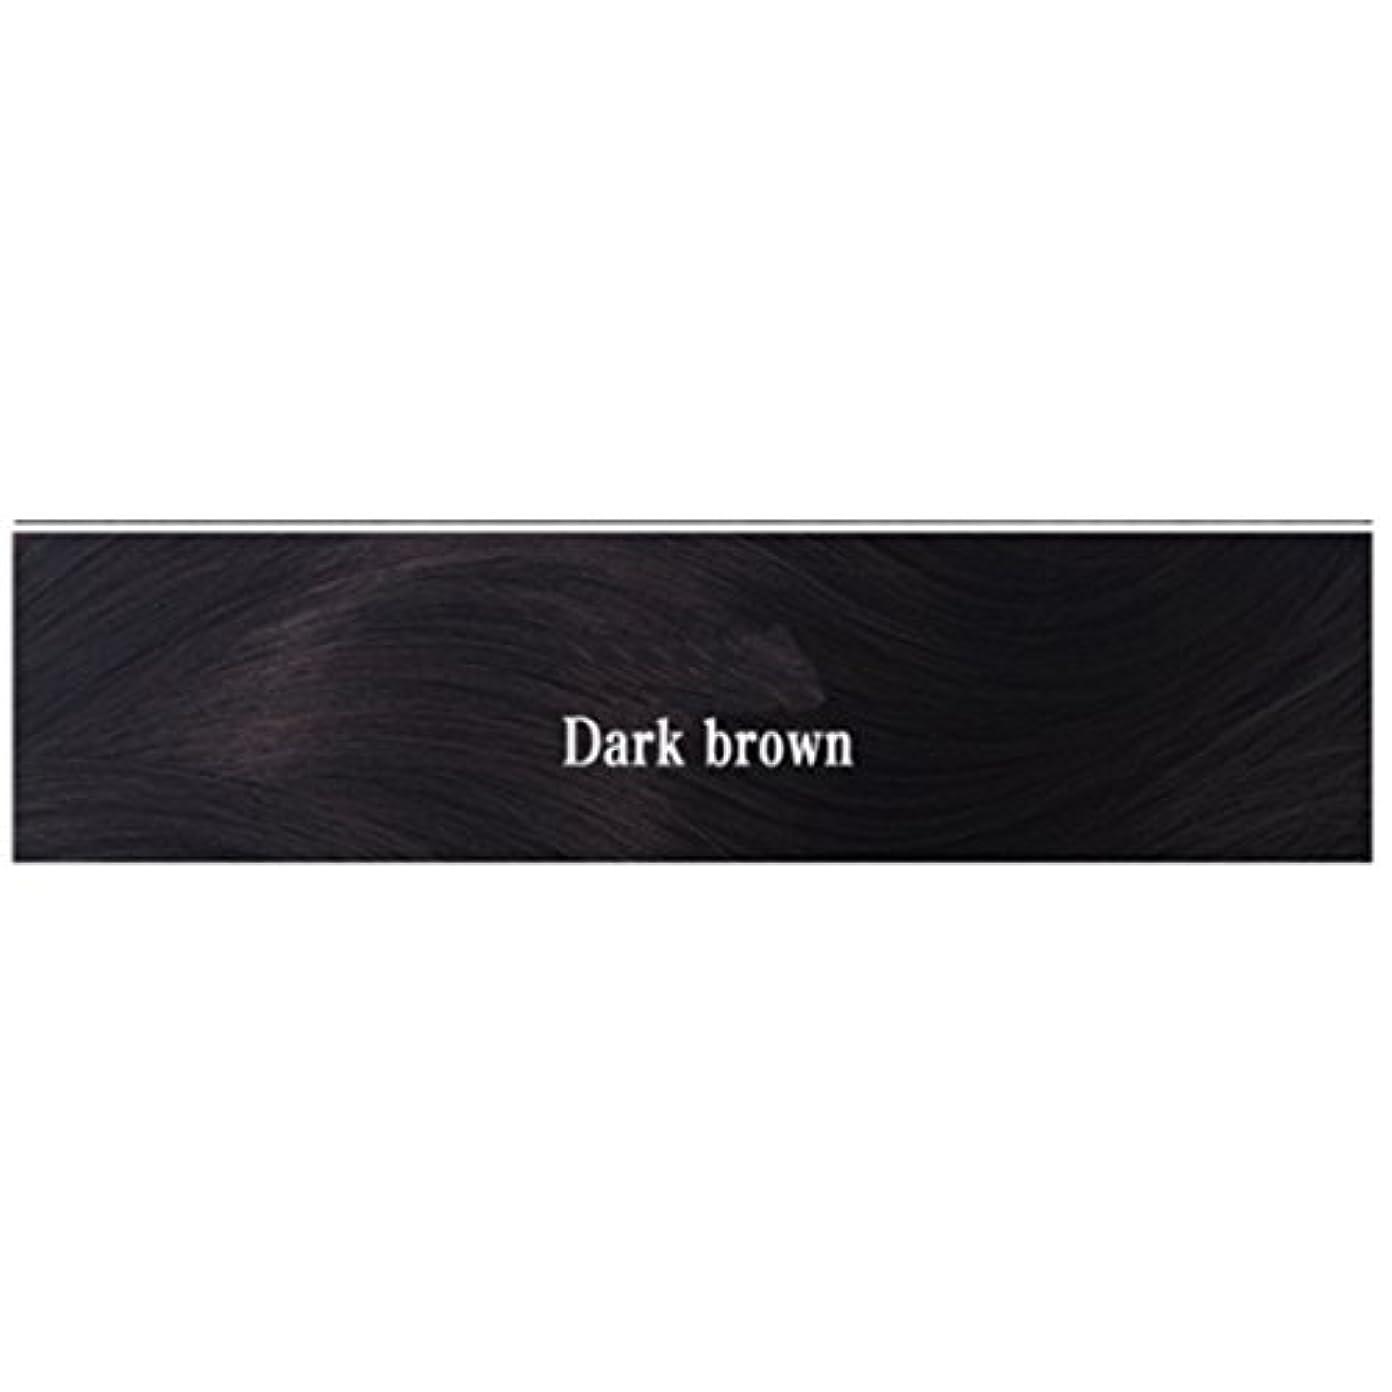 作成する無効にする騒乱JIANFU 女性 耐熱 長い ストレート ウィッグ 人間の髪 フラット バンズ ウィッグ ナチュラル カラー パーティ 220g (Color : Dark brown)